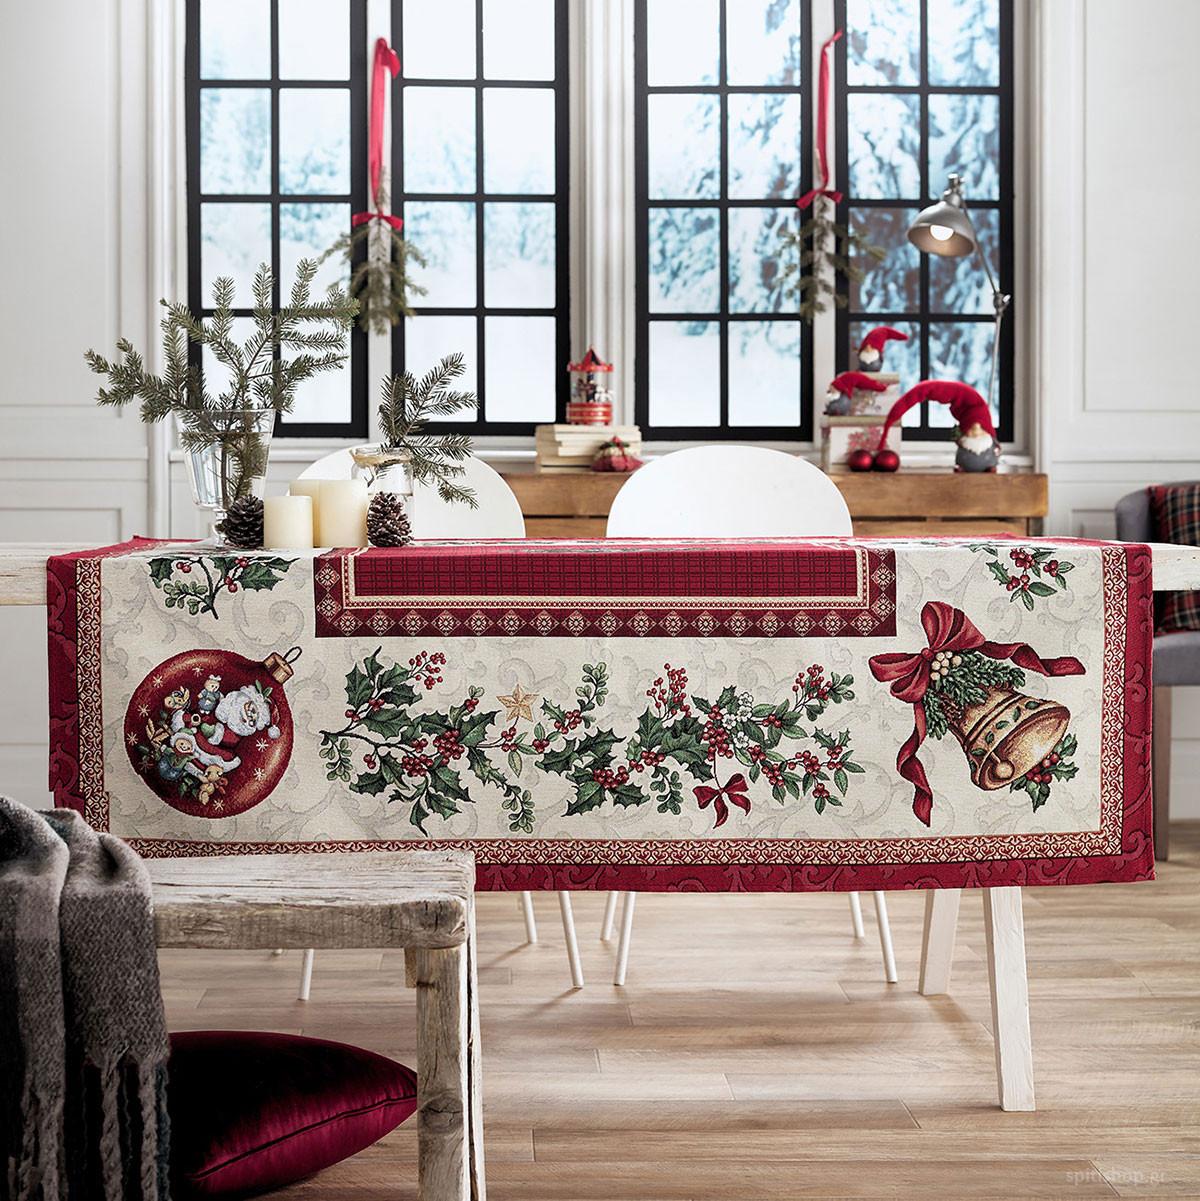 Χριστουγεννιάτικο Τραπεζομάντηλο (135×135) Gofis Home 849